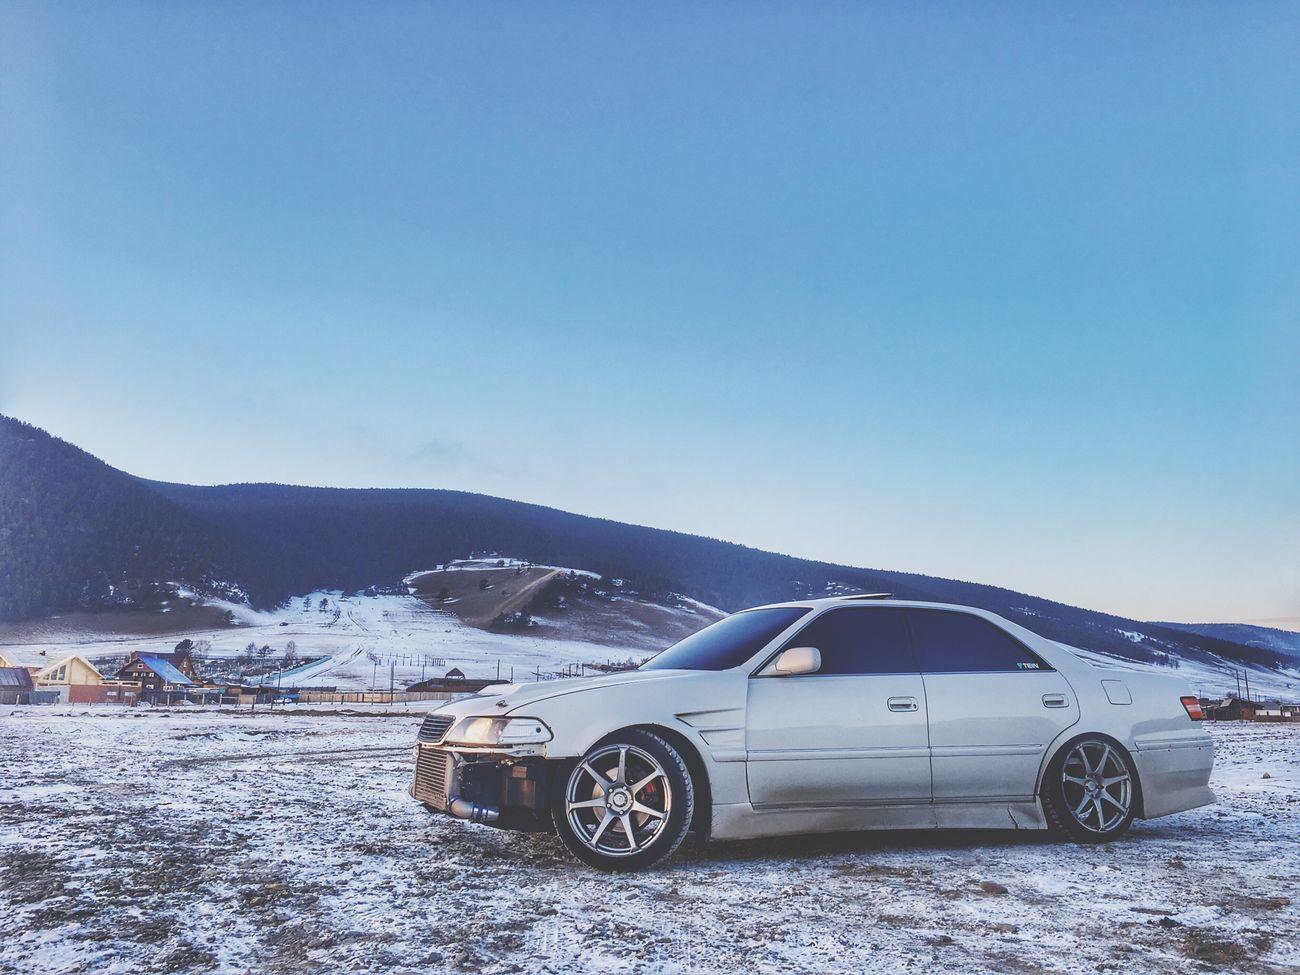 Baikal LakeBaikal Toyota Tourerv Car